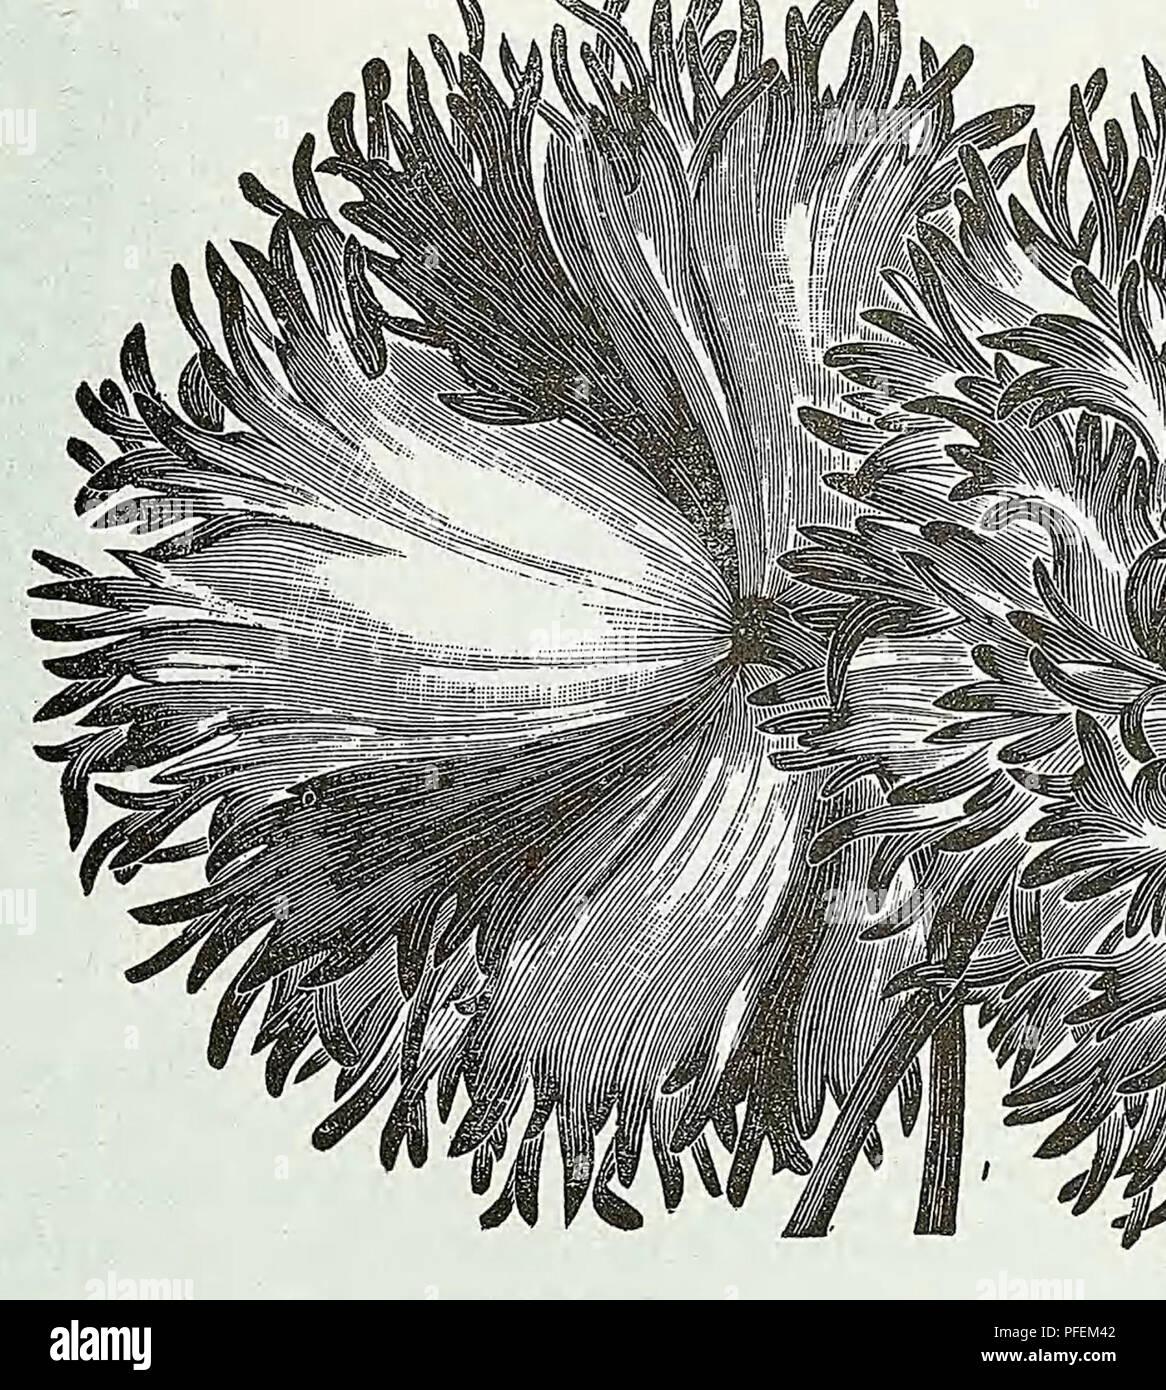 Beschreibender Katalog Der Gemüse Blumen Und Samen Baumschulen